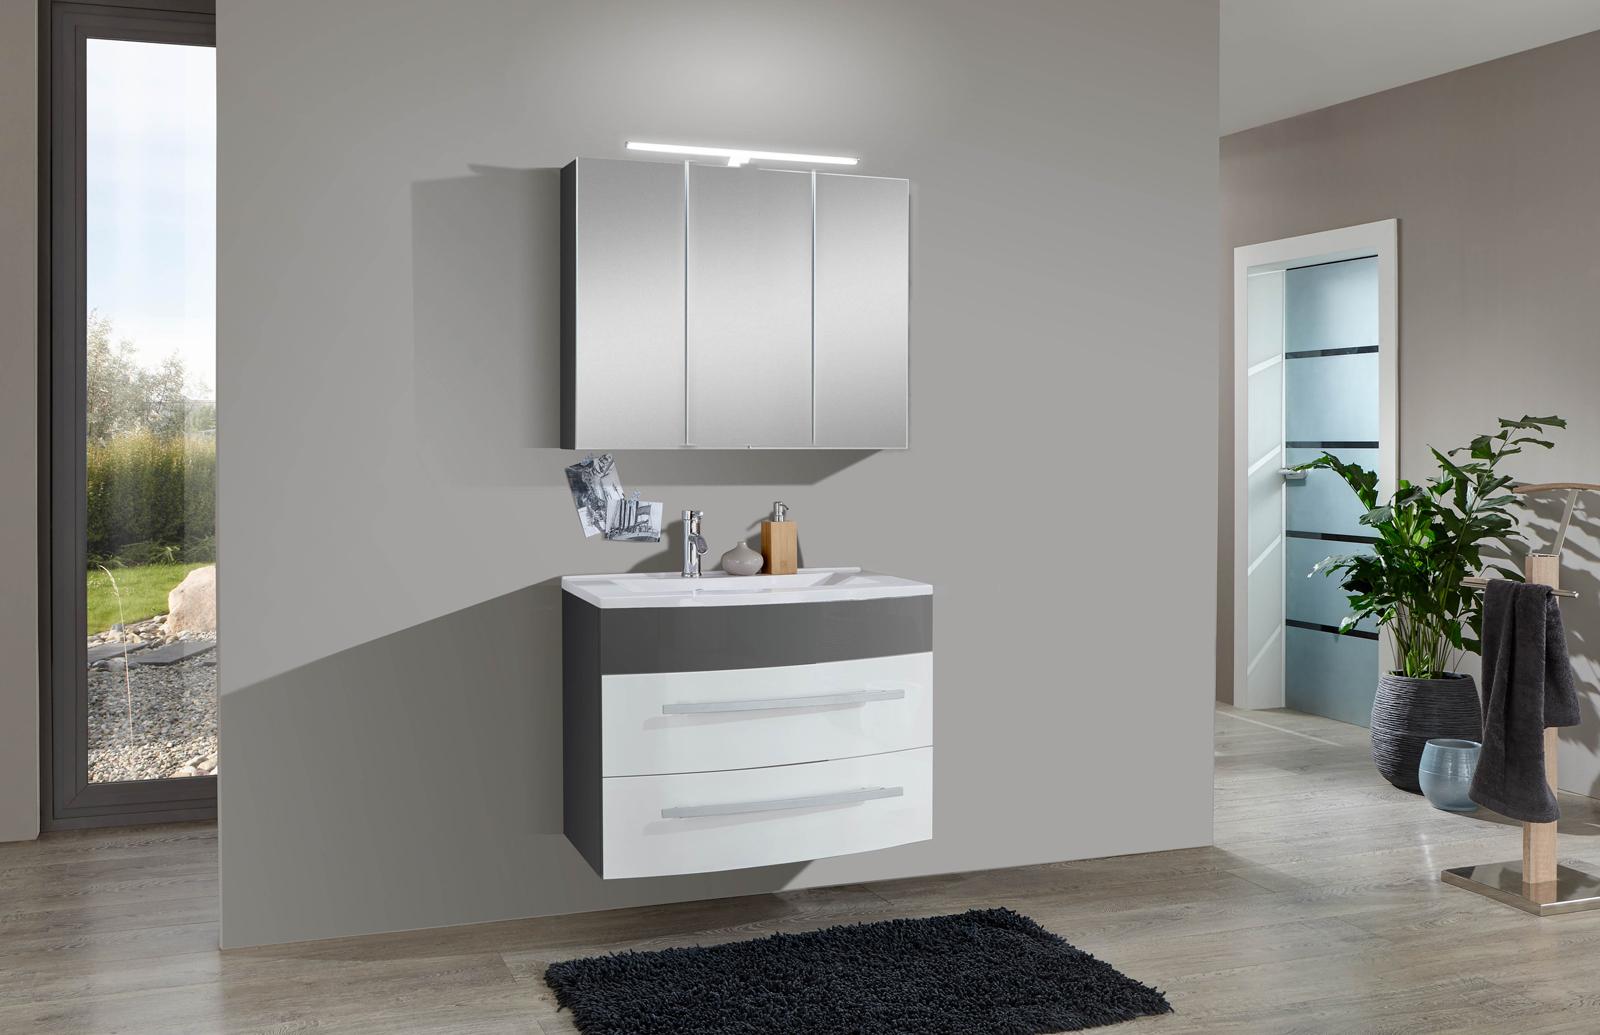 sam 2tlg badezimmer set hochglanz wei grau 70cm genf auf. Black Bedroom Furniture Sets. Home Design Ideas